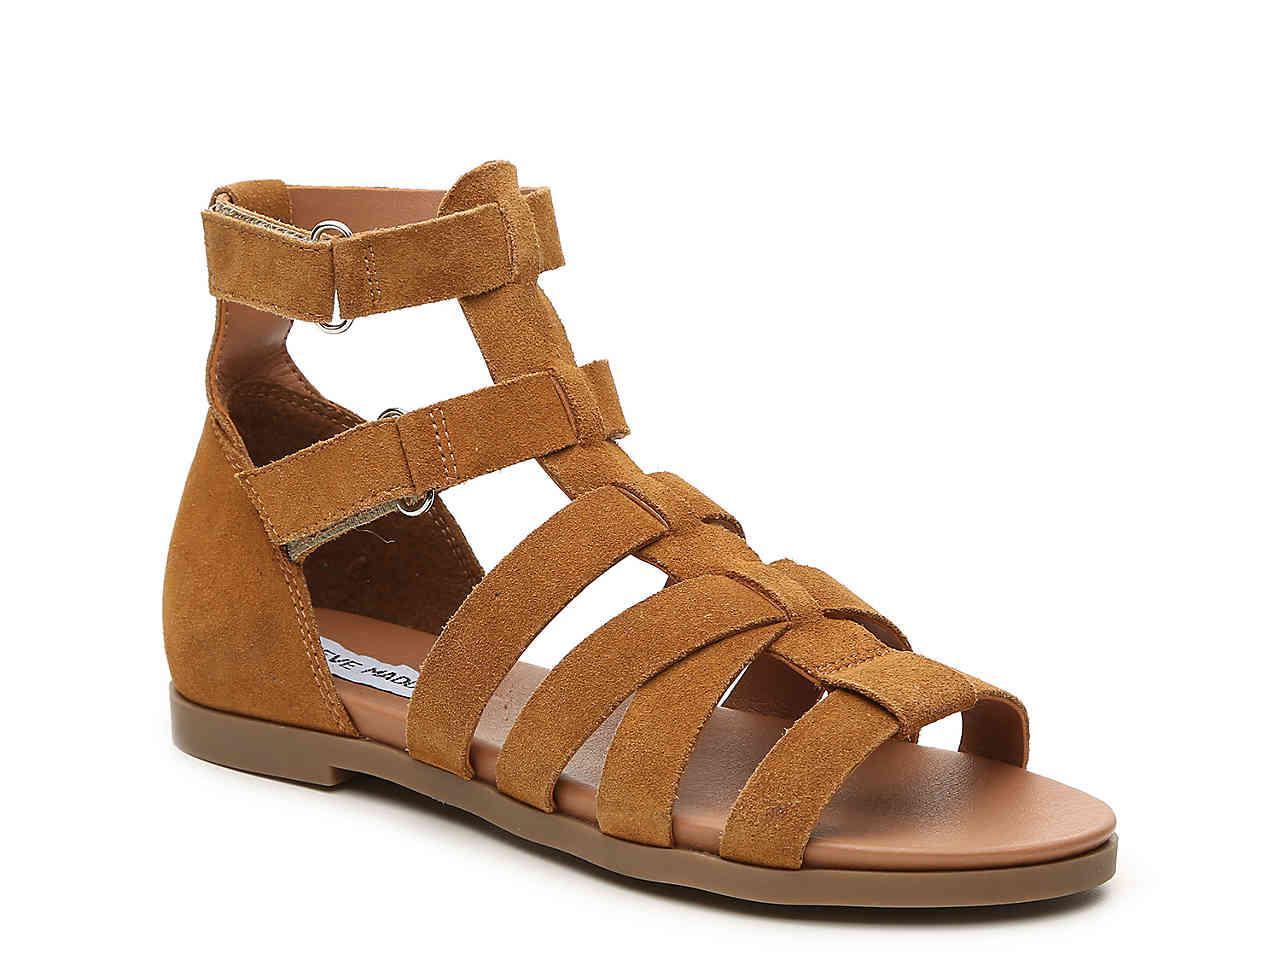 4b8adad0cc3 Lyst - Steve Madden Gali Gladiator Sandal in Brown